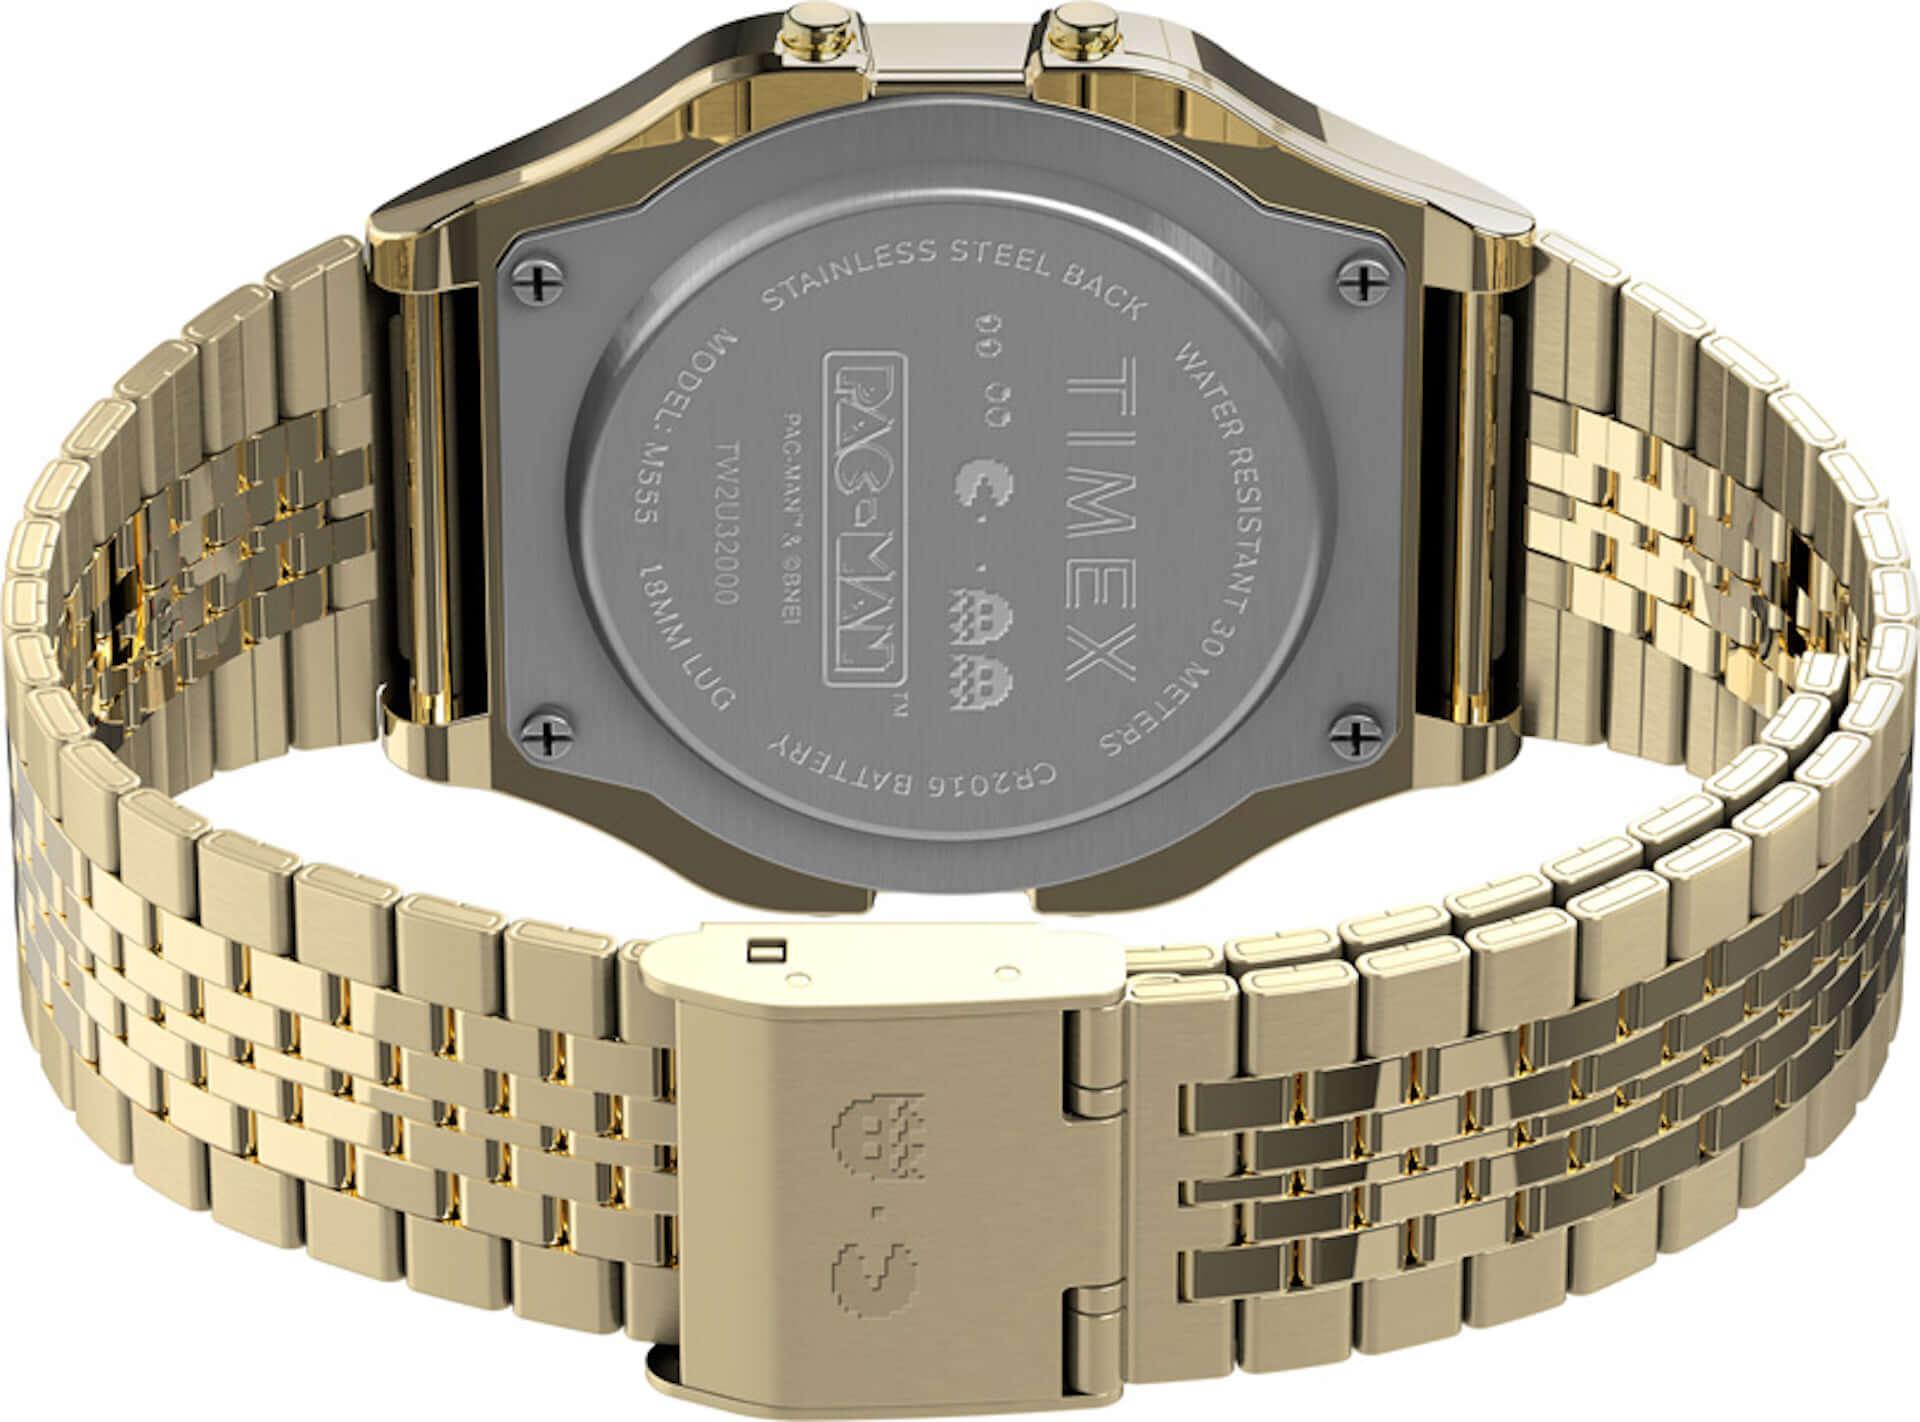 『パックマン』生誕40周年記念!米国の腕時計ブランド「タイメックス」から昨年即完売したコラボモデルが発売決定 tech200729_timex-pacman_5-1920x1422